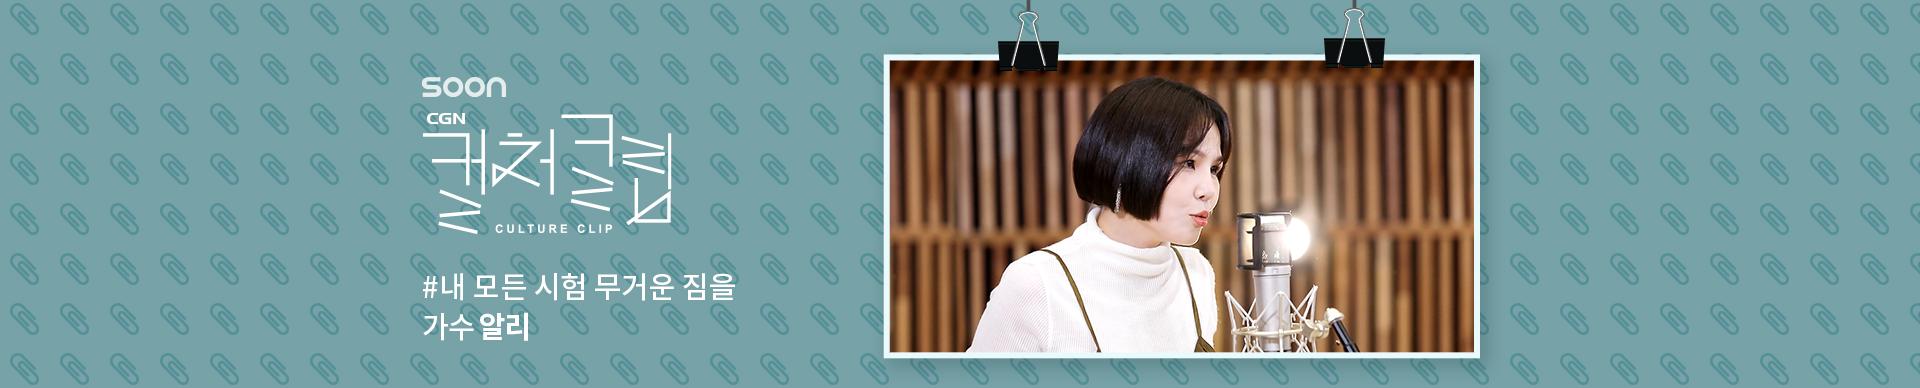 [SOON] CGN 컬처클립 : 내 모든 시험 무거운 짐을_가수 알리